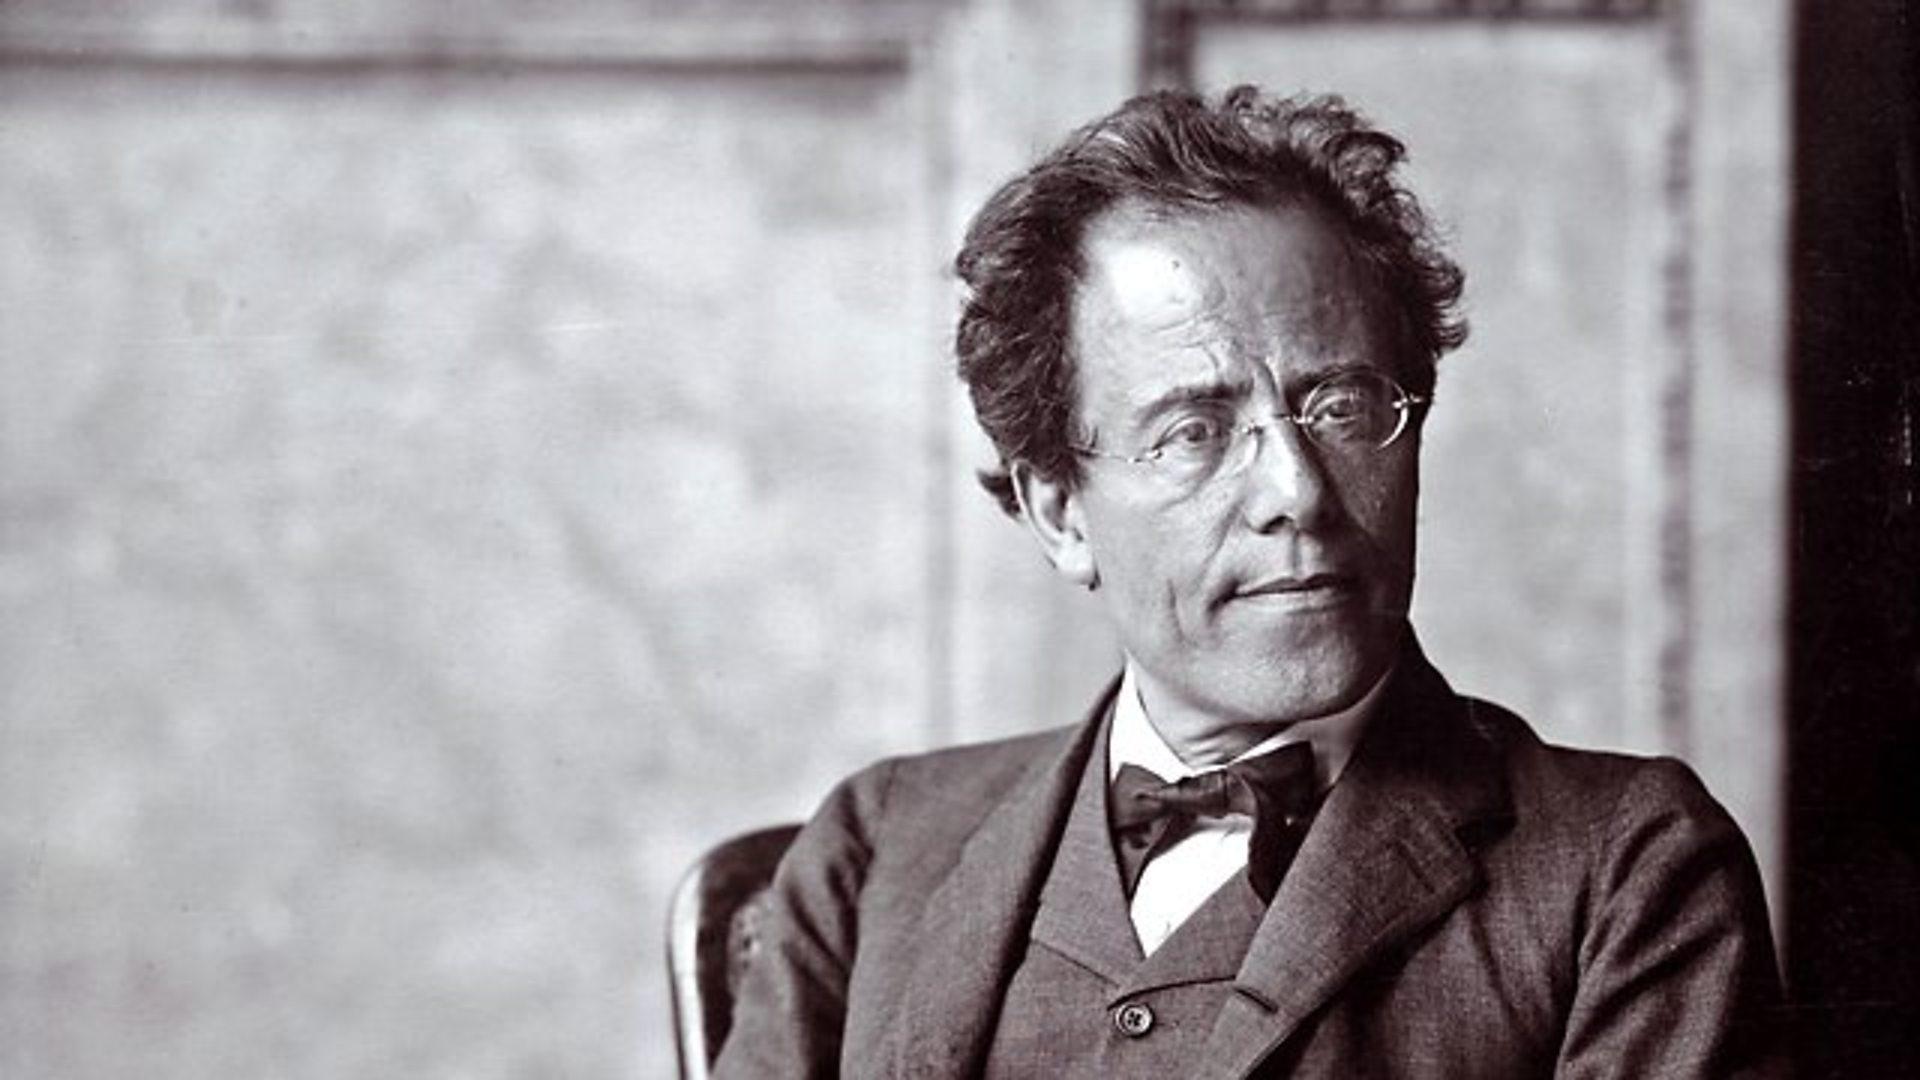 Aged Gustav Mahler